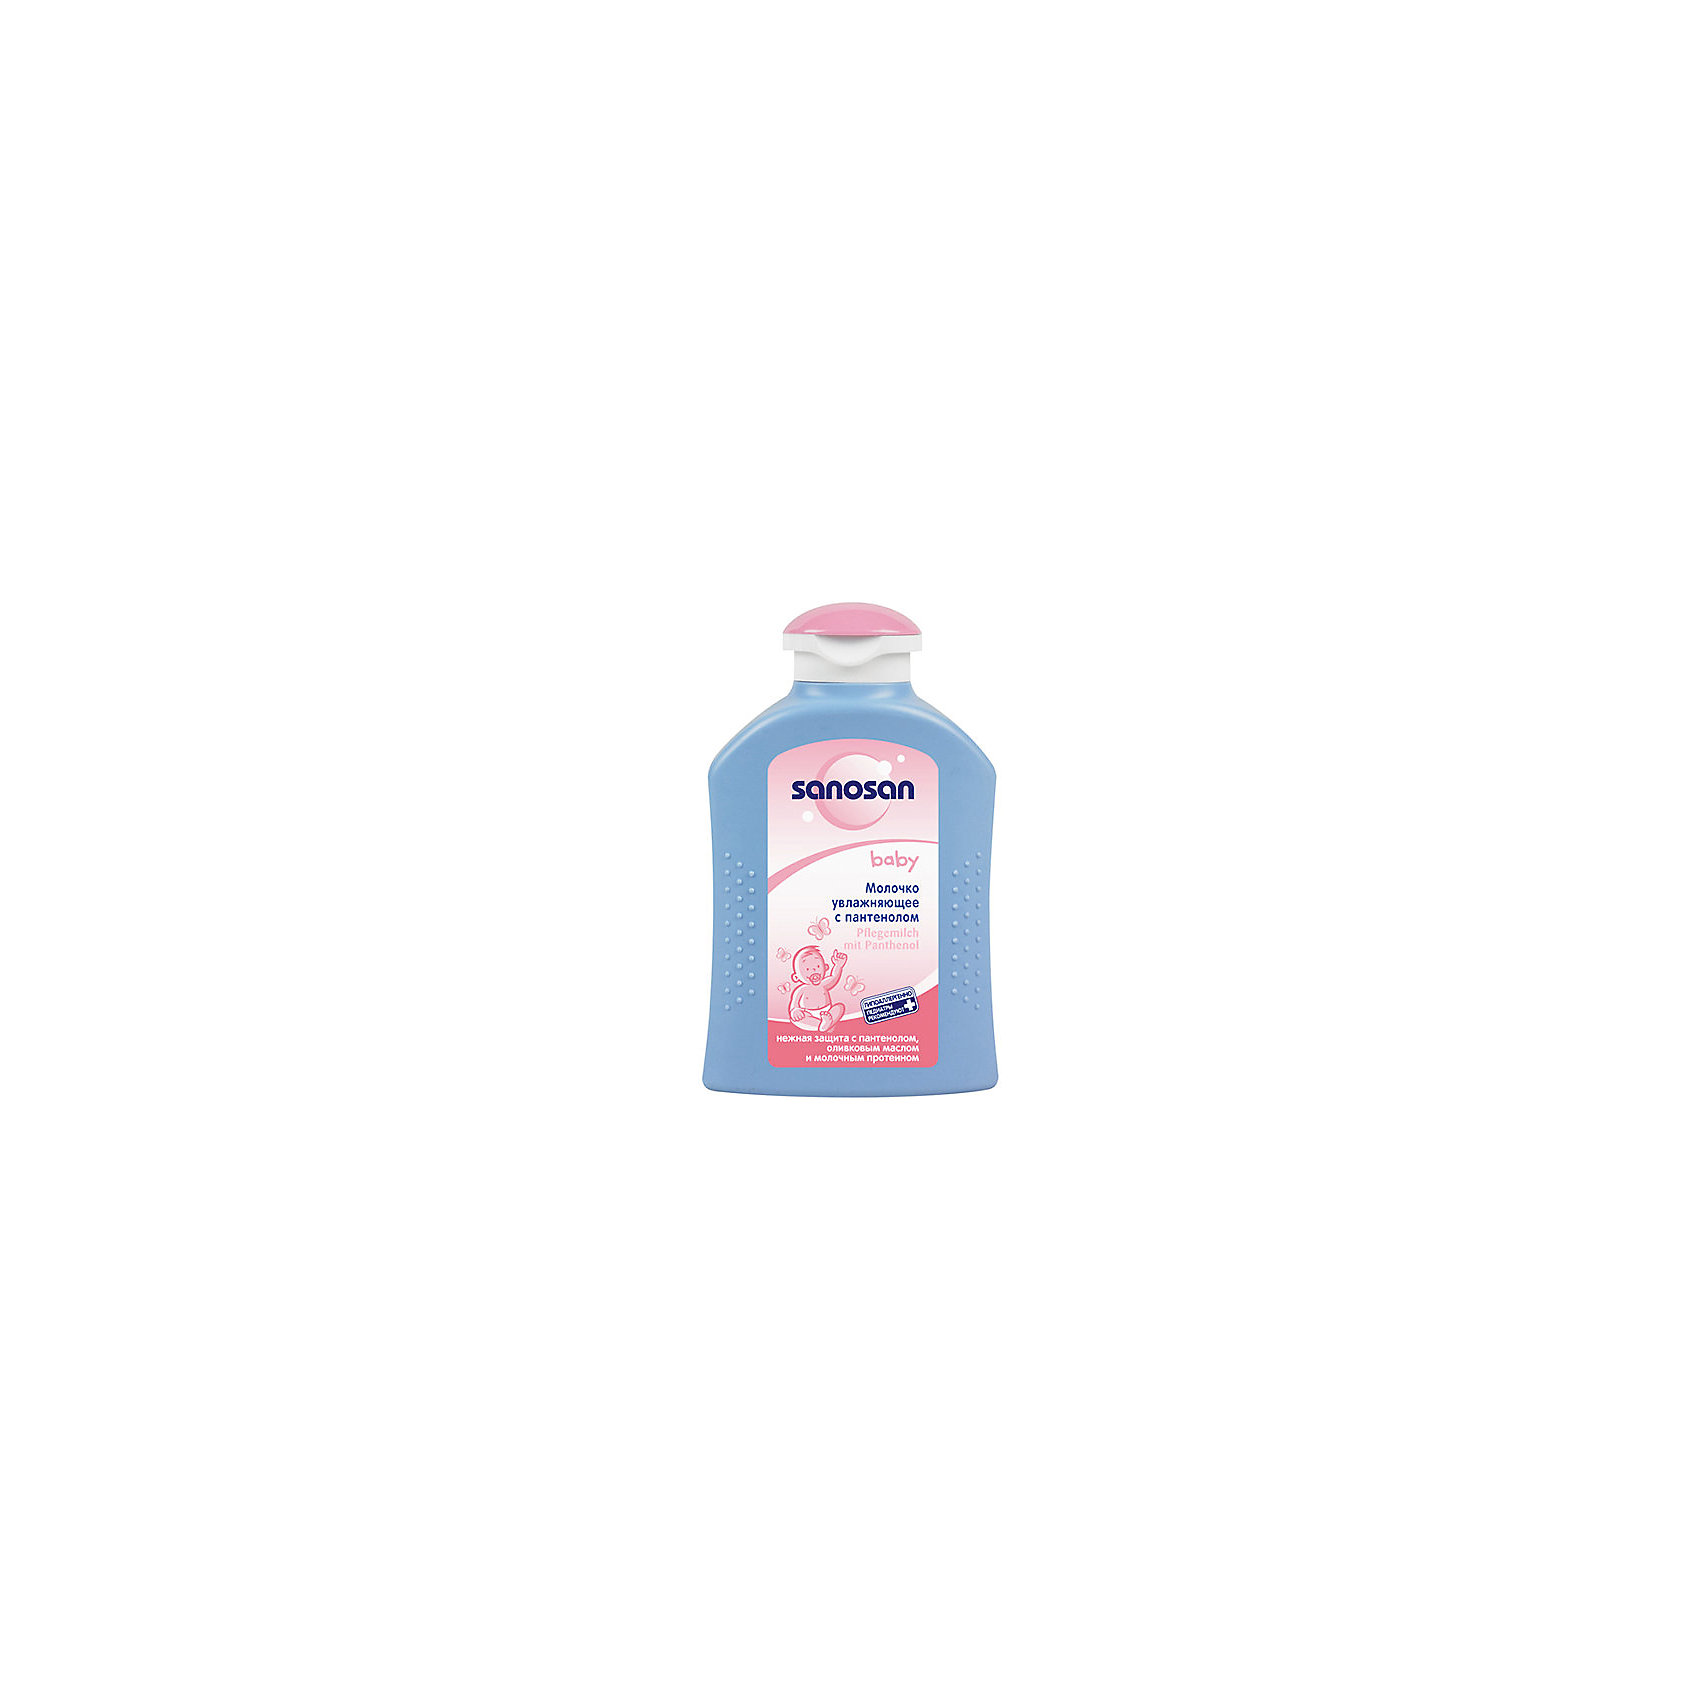 Молочко увлажняющее с пантенолом, Sanosan, 200 млКосметика для младнецев<br>sanosan baby Молочко увлажняющее с пантенолом<br>С первых дней жизни. Высококачественные питательные и увлажняющие активные добавки, такие как оливковое масло и молочный протеин, смягчают и увлажняют нежную кожу ребенка после ежедневного купания, пантенол успокаивает небольшие раздражения. Натуральное масло карите и экстракт ромашки поддерживают защитные функции кожи и регулируют ее водно-жировой баланс. Молочко быстро впитывается, не оставляя следов.<br>Способ применения: после купания массирующими движениями нанесите молочко на все тело новорожденного.<br>Совет: молочко sanosan с пантенолом – лучшее средство для ухода за кожей после пребывания на солнце.<br>Ингредиенты:<br>AQUA • GLYCERIN • CAPRYLIC/CAPRIC TRIGLYCERIDE • ISOPROPYL PALMITATE • CETEARYL ALCOHOL • GLYCERYL STEARATE CITRATE • OLEA EUROPAEA (OLIVE) FRUIT OIL • BUTYROSPERMUM PARKII (SHEA) BUTTER • PHENOXYETHANOL • PANTHENOL • PARFUM • BENZYL ALCOHOL • PROPYLENE GLYCOL • CARBOMER • ALLANTOIN • XANTHAN GUM • CHAMOMILLA RECUTITA (MATRICARIA) FLOWER EXTRACT • SODIUM HYDROXIDE • BISABOLOL • HYDROLYZED MILK PROTEIN • SODIUM BENZOATE.<br><br>Ширина мм: 143<br>Глубина мм: 500<br>Высота мм: 60<br>Вес г: 220<br>Возраст от месяцев: -2147483648<br>Возраст до месяцев: 2147483647<br>Пол: Унисекс<br>Возраст: Детский<br>SKU: 4729890